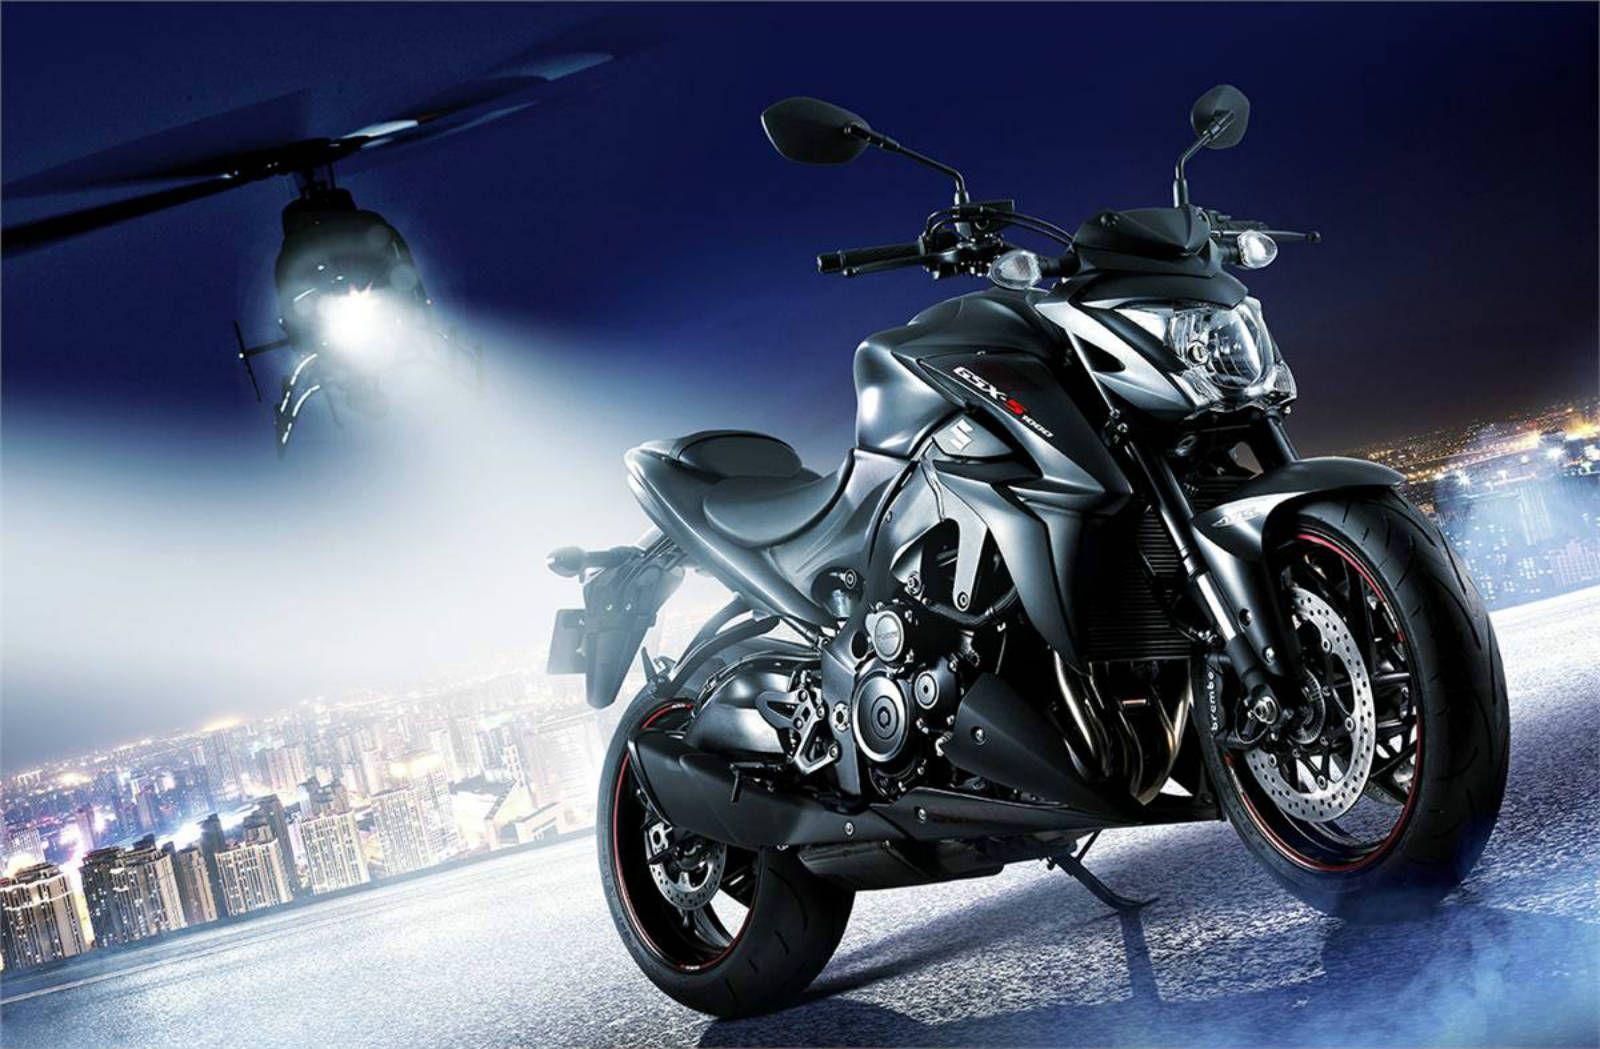 Street Suzuki Gsx S1000z 2018 Motorcycle Tires Suzuki 2018